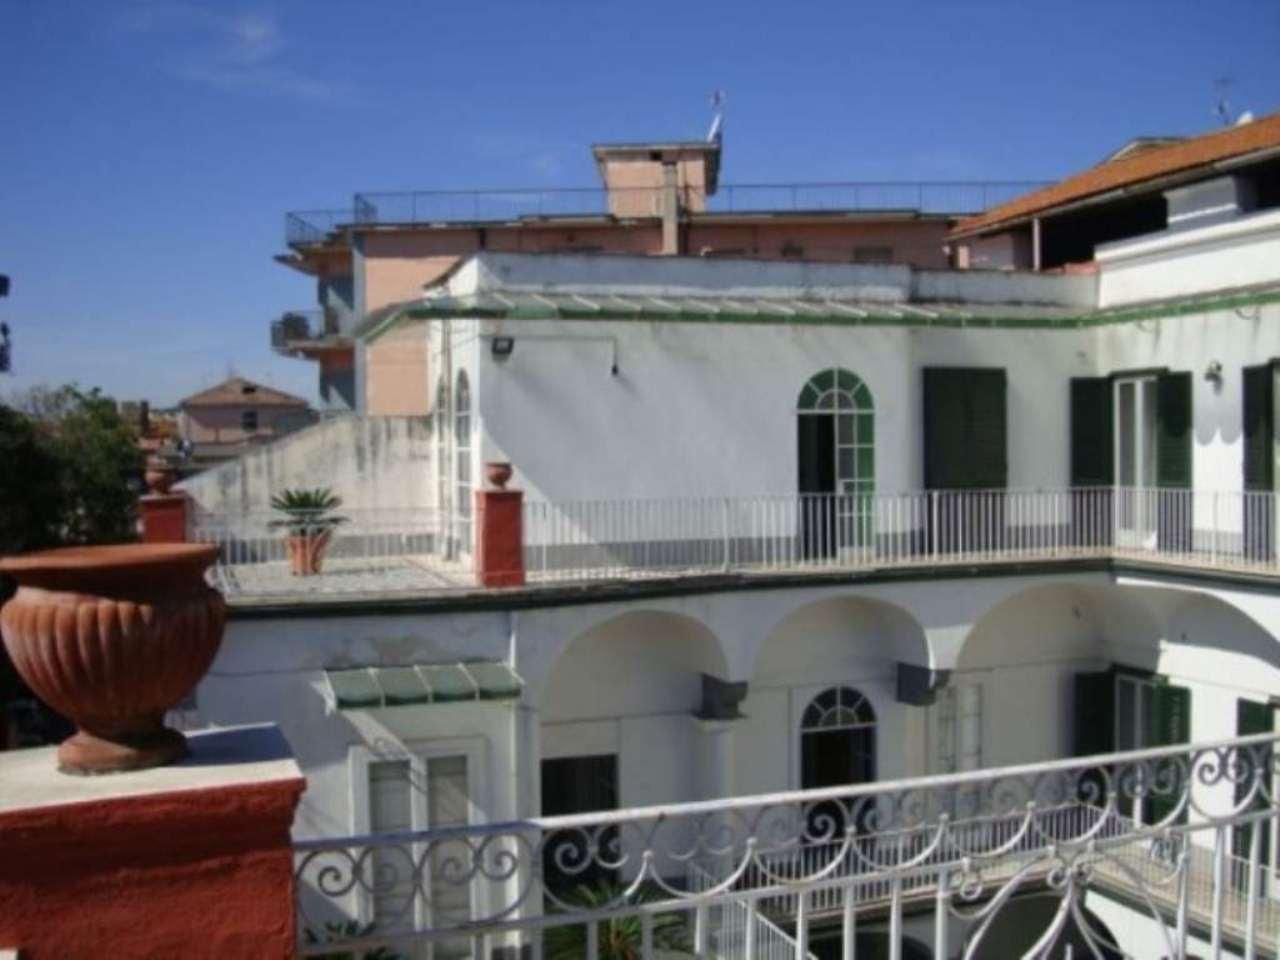 Palazzo / Stabile in vendita a Frattamaggiore, 6 locali, prezzo € 1.200.000 | CambioCasa.it